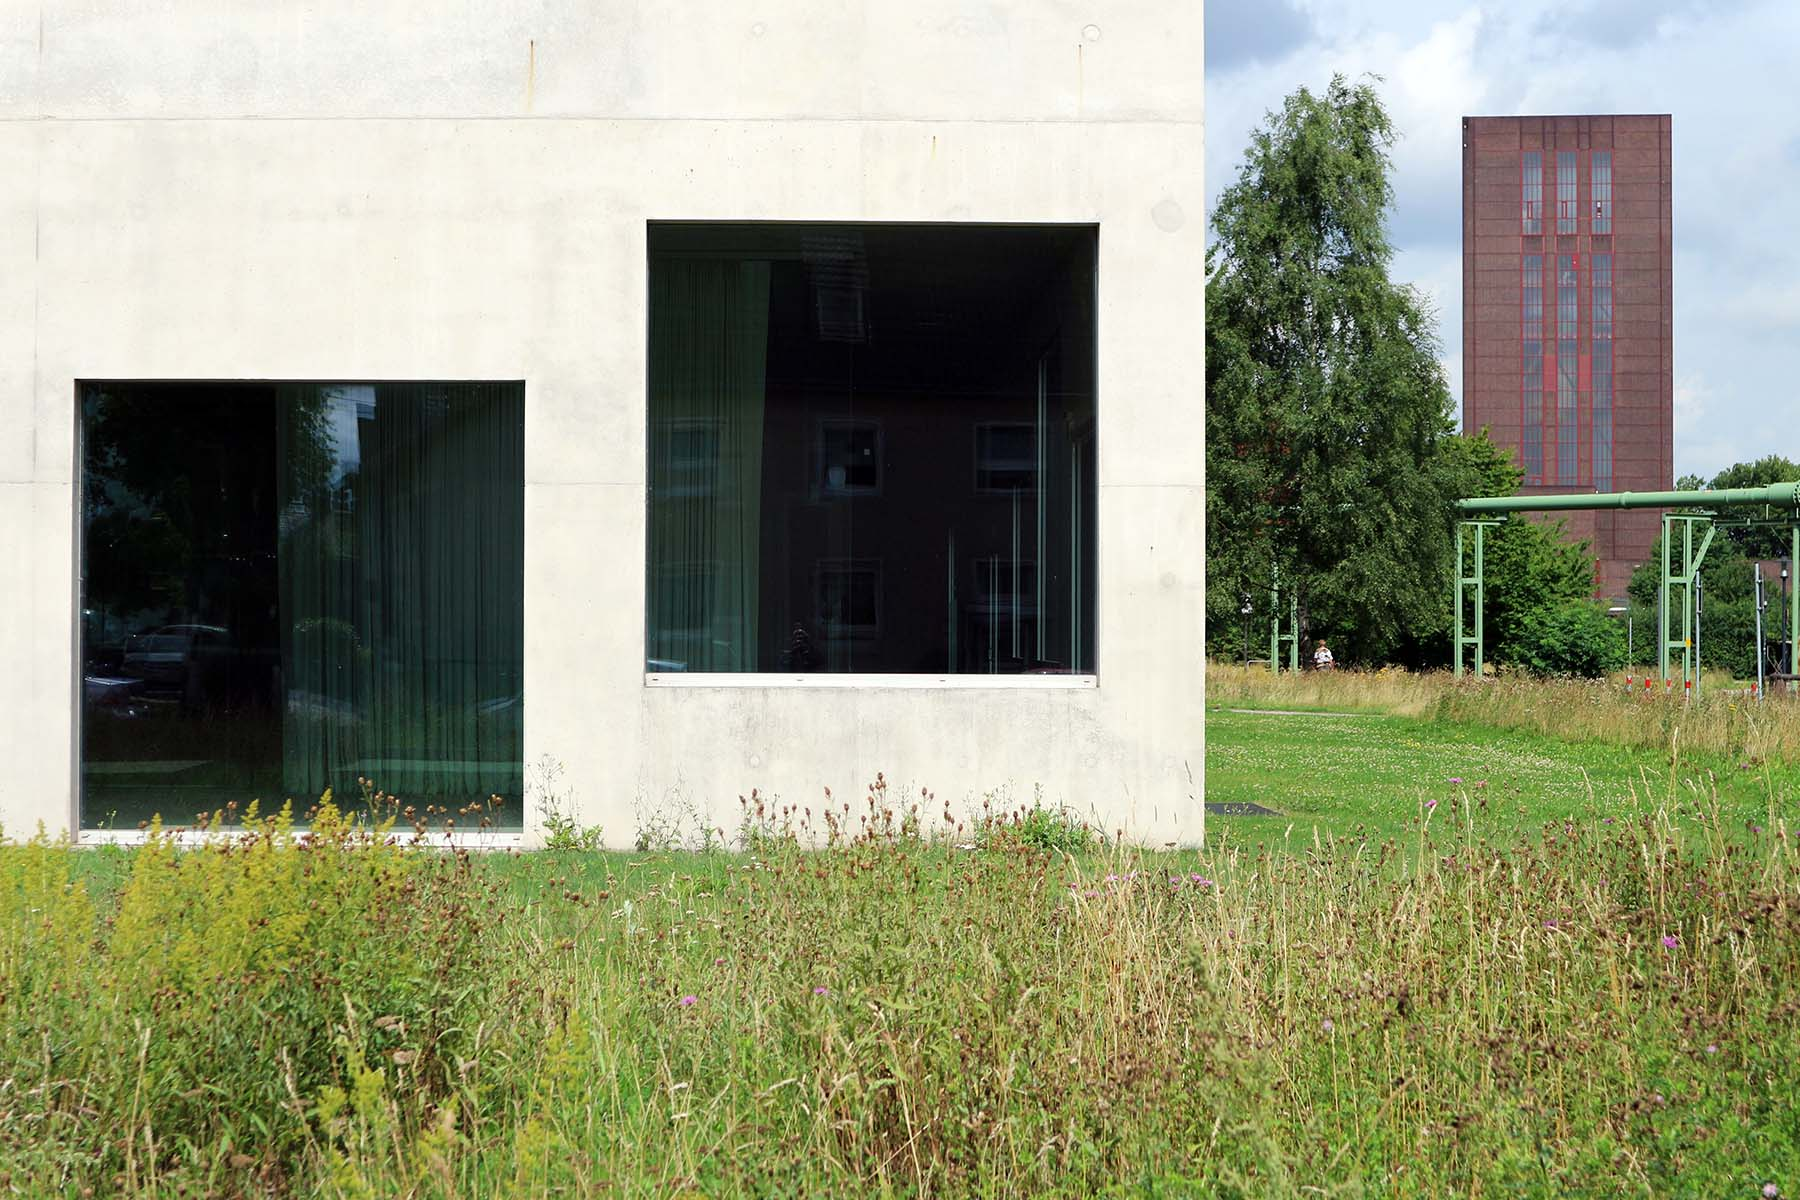 Zeche Zollverein.  ... gewann 2010 die wichtigste Architekturauszeichnung der Welt: den Pritzker Preis.